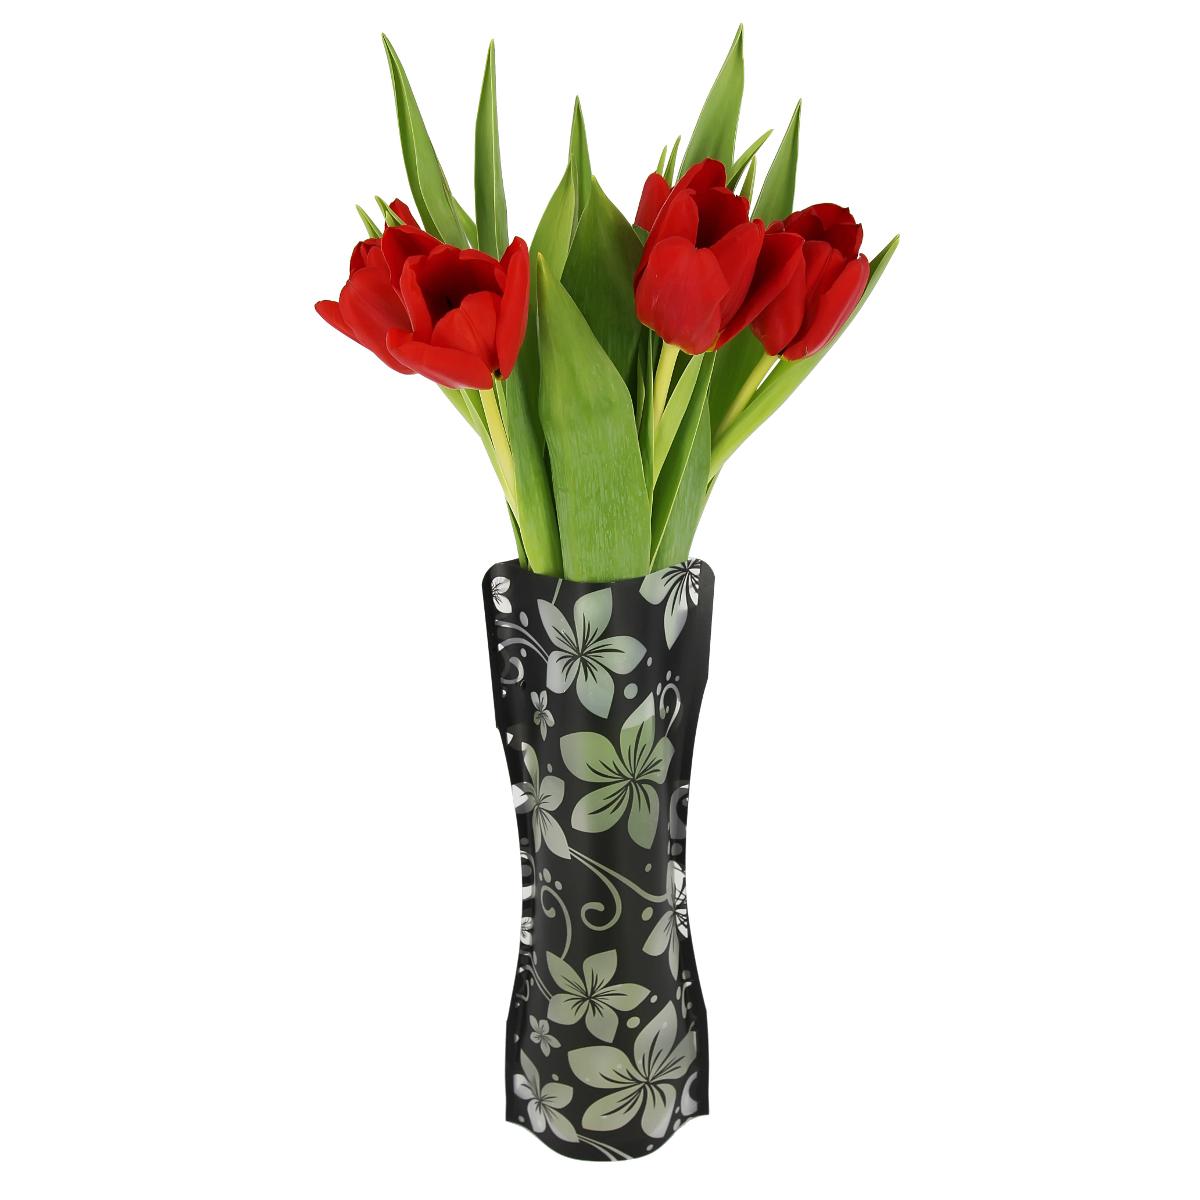 Ваза МастерПроф Черная орхидея, пластичная, 1 л jp 96 36 ваза орхидея pavone